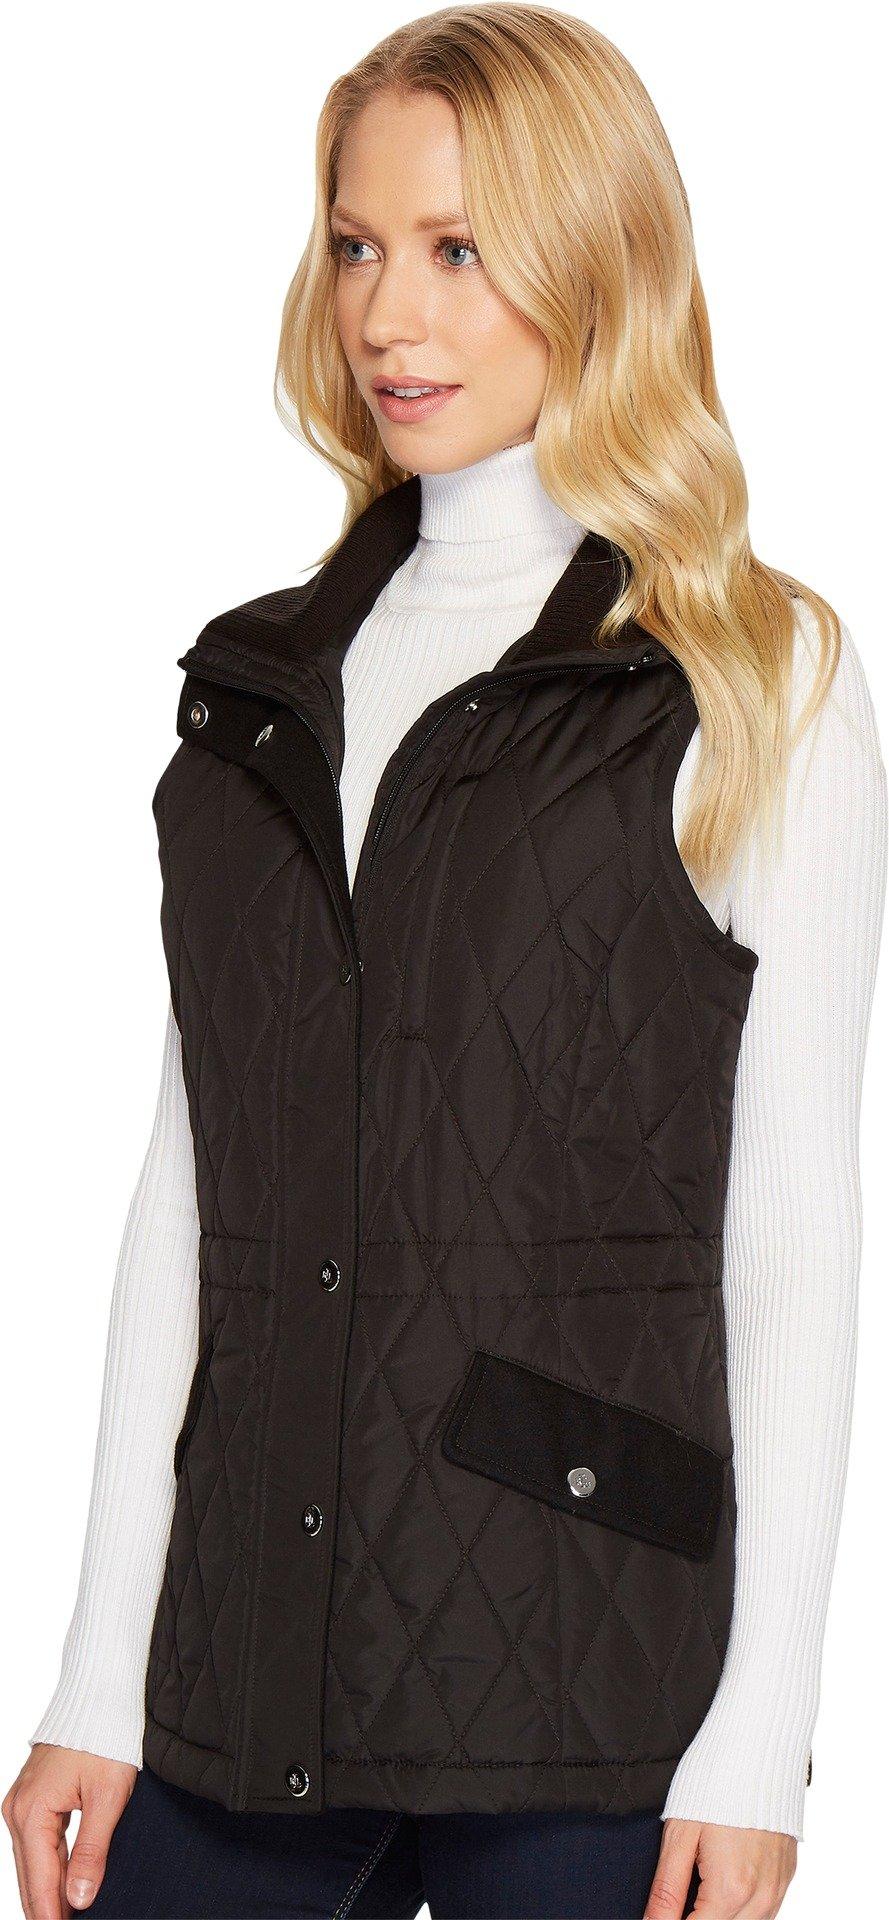 LAUREN Ralph Lauren Womens Vest w/ Wool Combo Black SM One Size by Lauren by Ralph Lauren (Image #2)